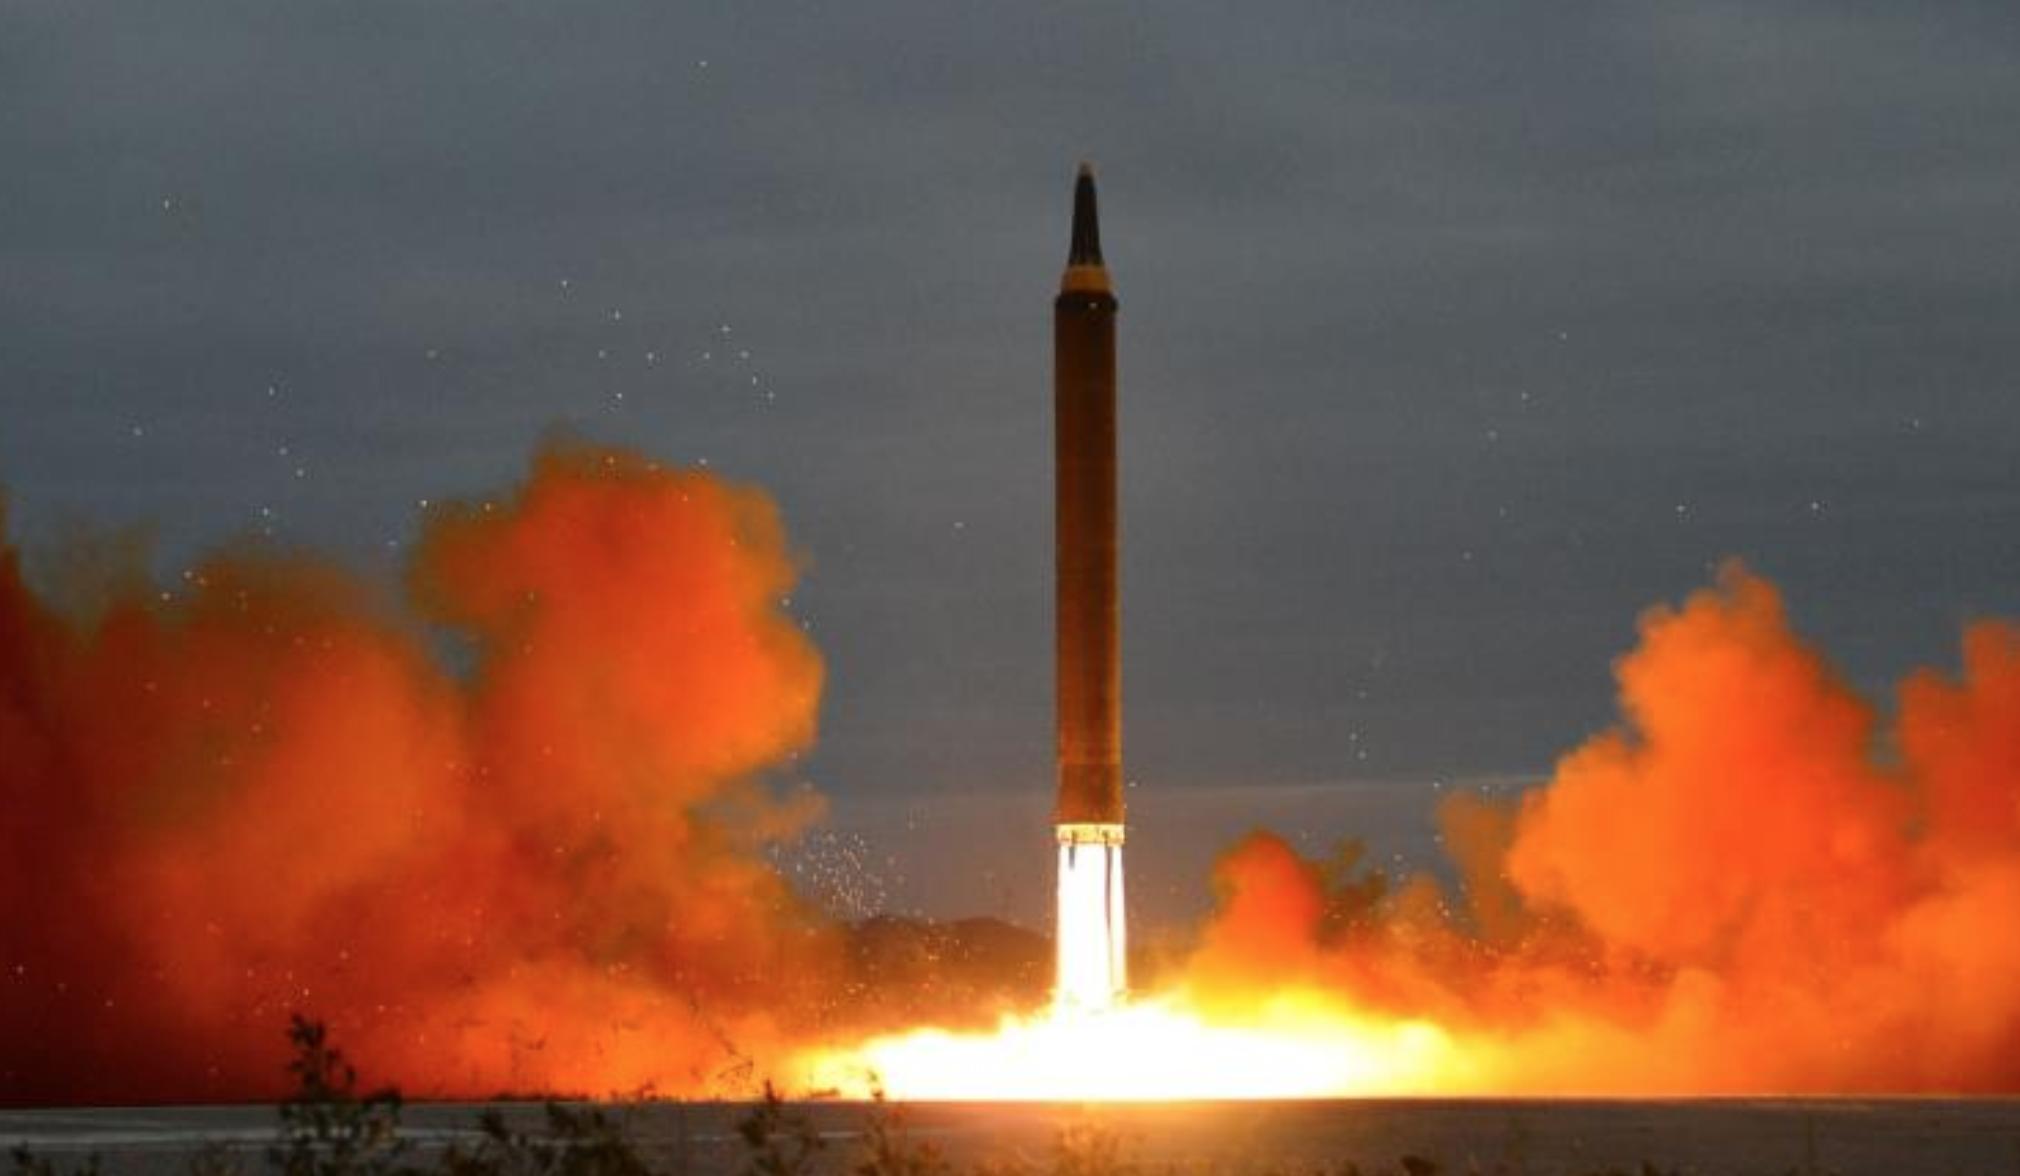 كوريا الشمالية أجرت في الأشهر الأخيرة تجارب نووية وبالسيتة أثارت غضب الولايات المتحدة وحلفائها في آسيا (رويترز)